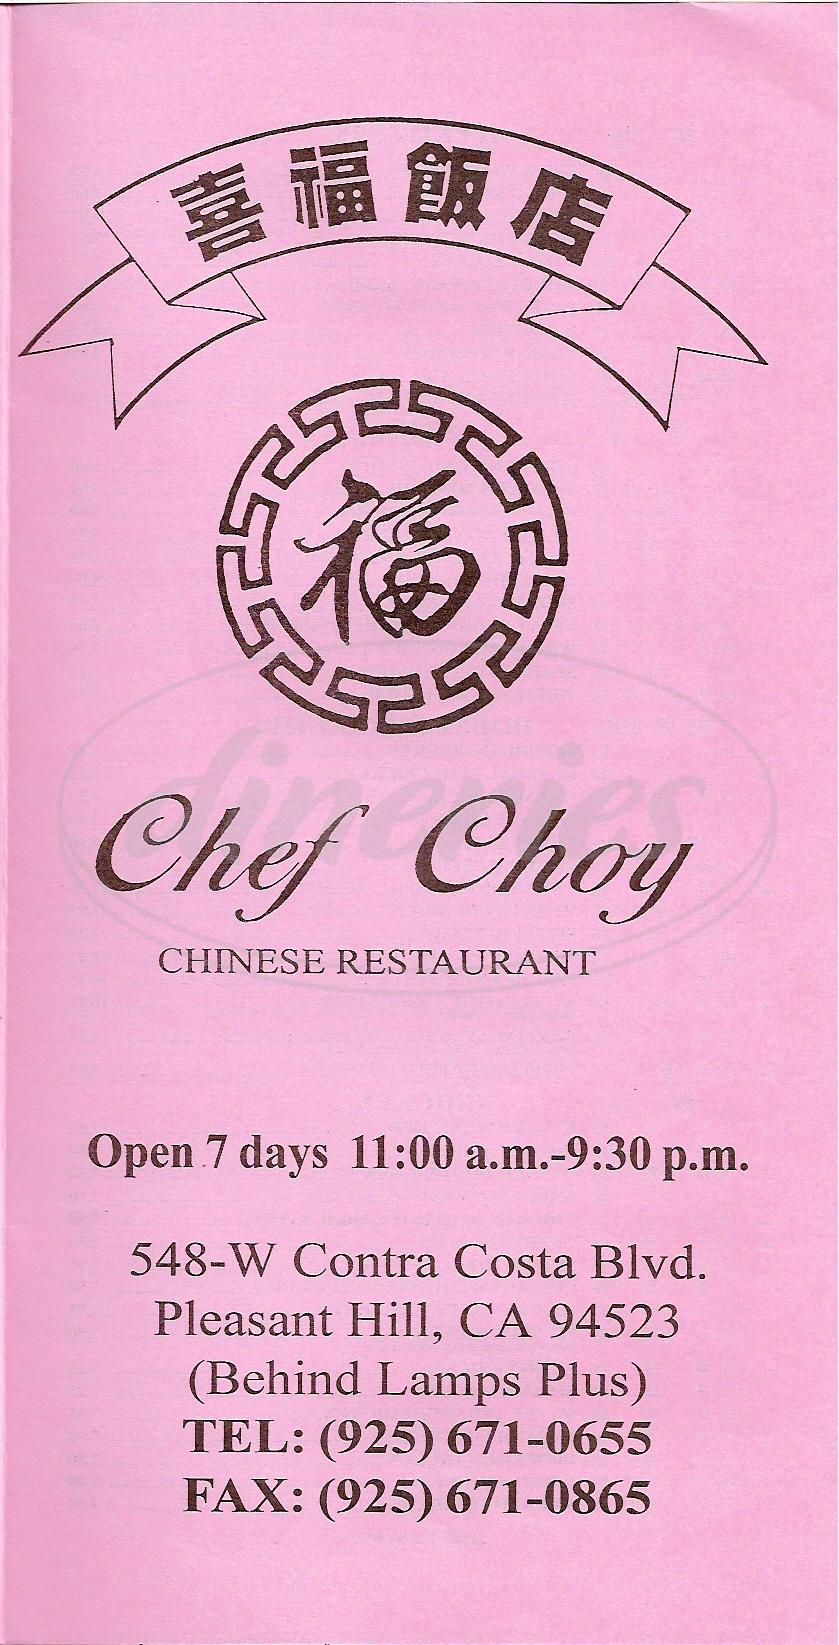 menu for Chef Choy